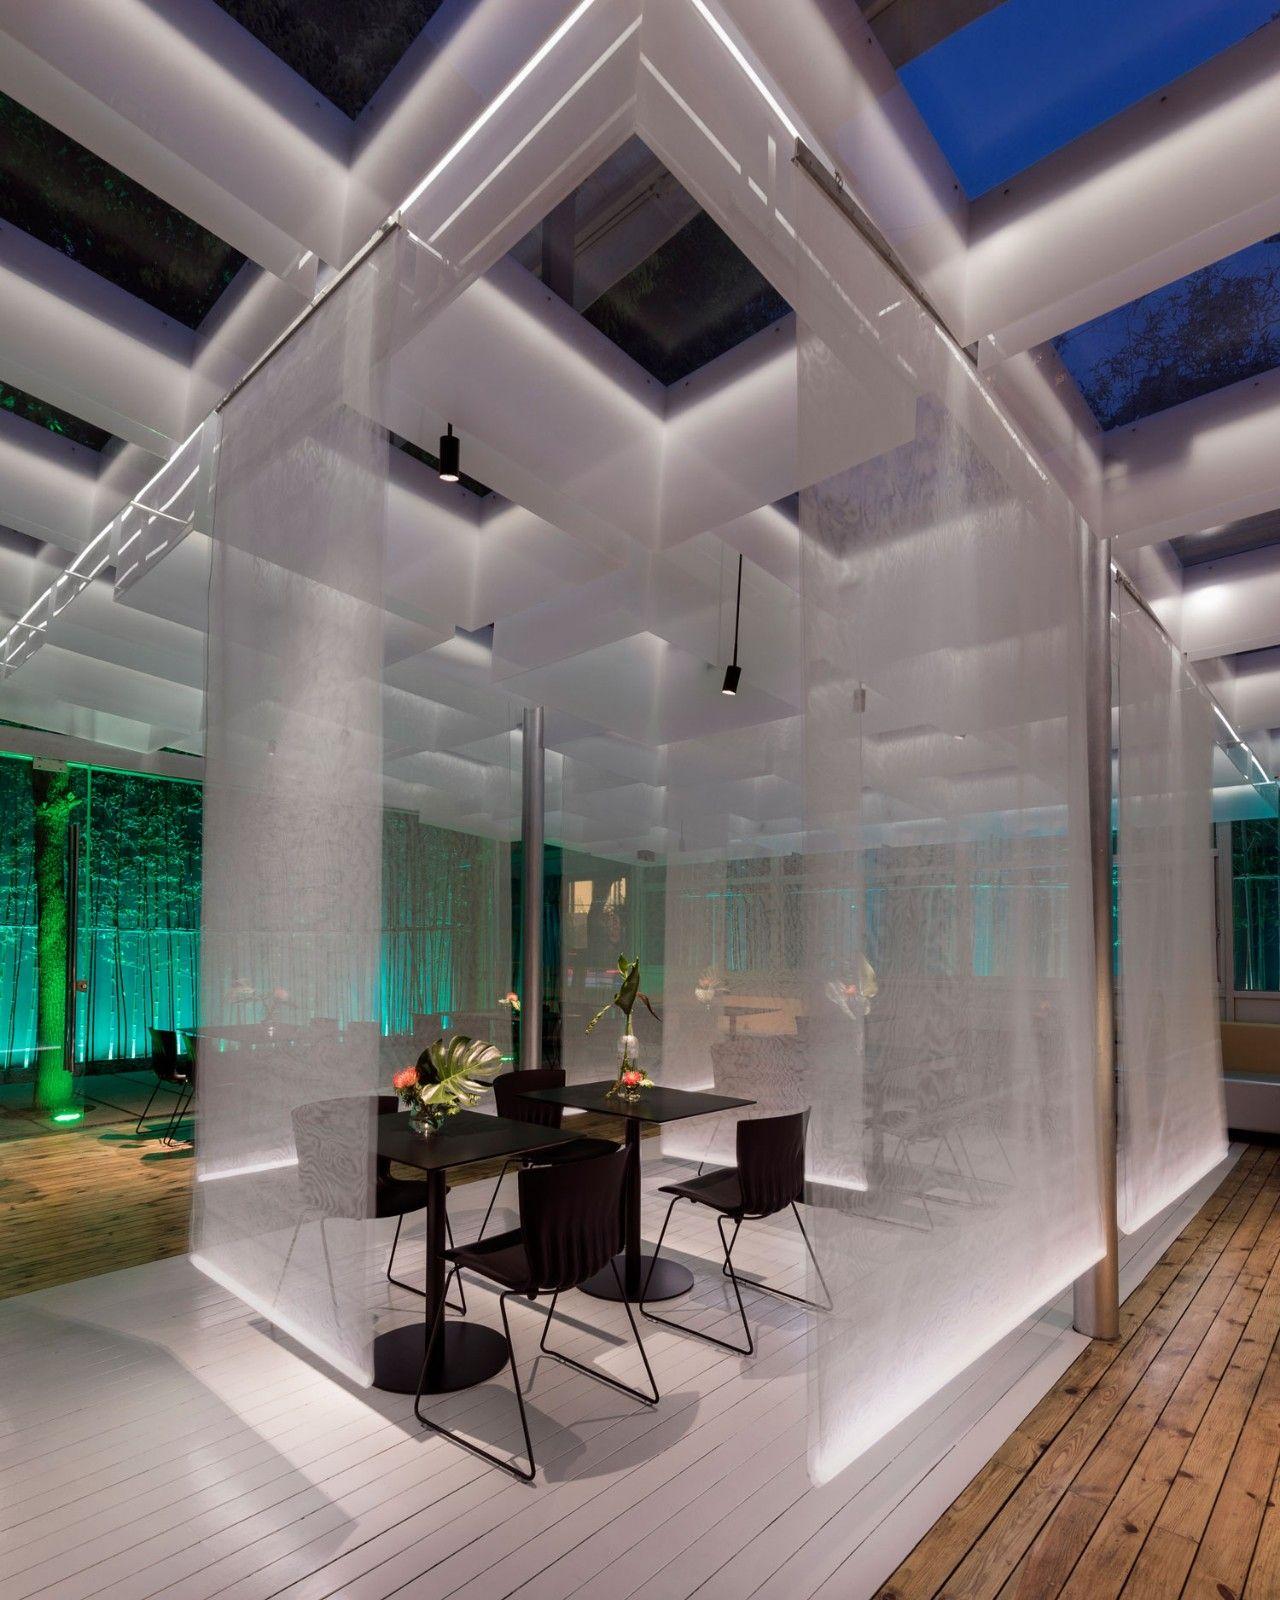 上海 F.E.D 餐厅设计欣赏